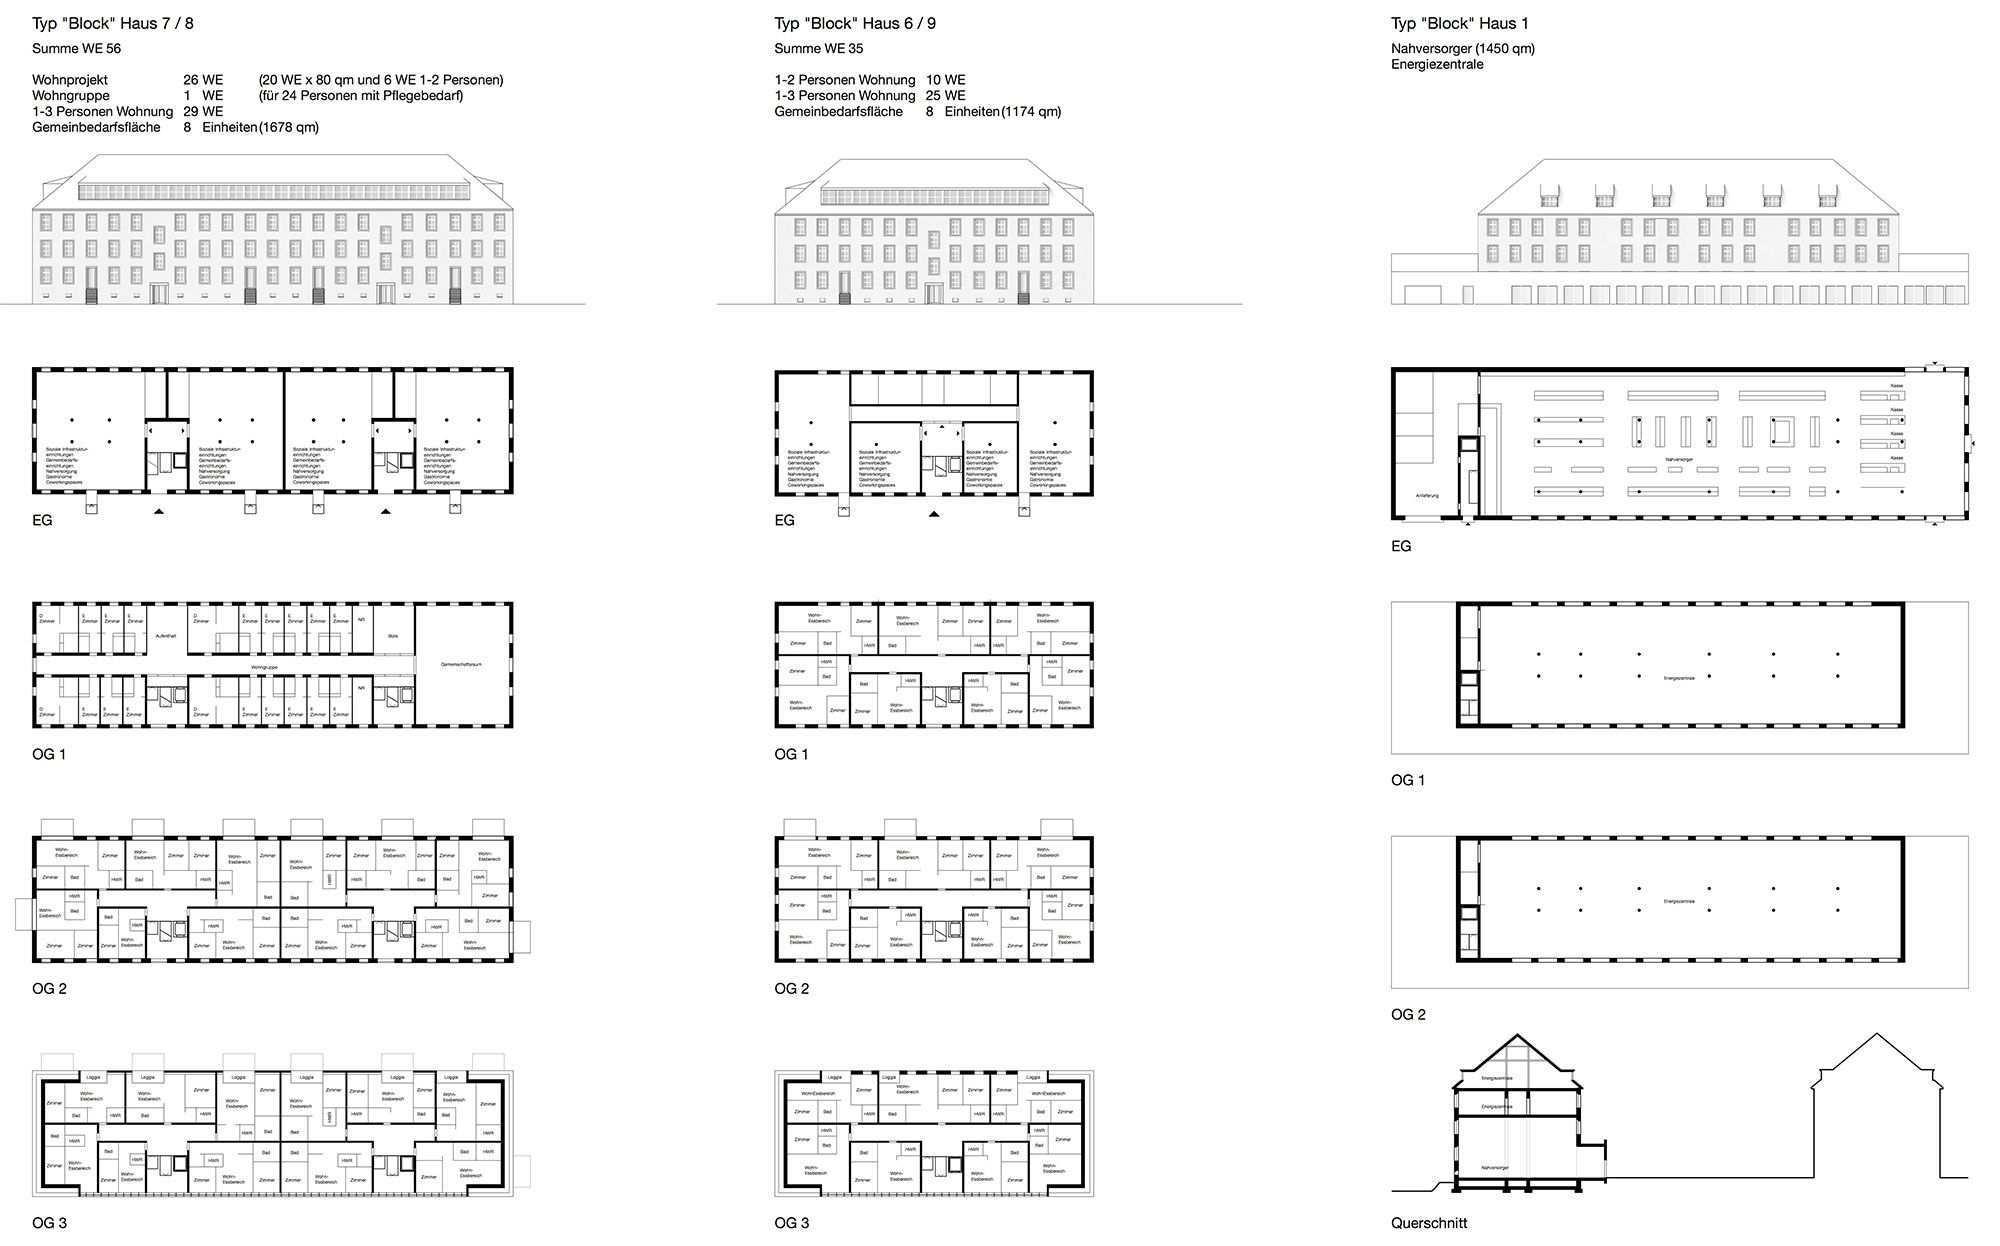 1 Preis Grundrisse Und Ansichten Typ Blockhaus Floor Plans Flexibility Evolution